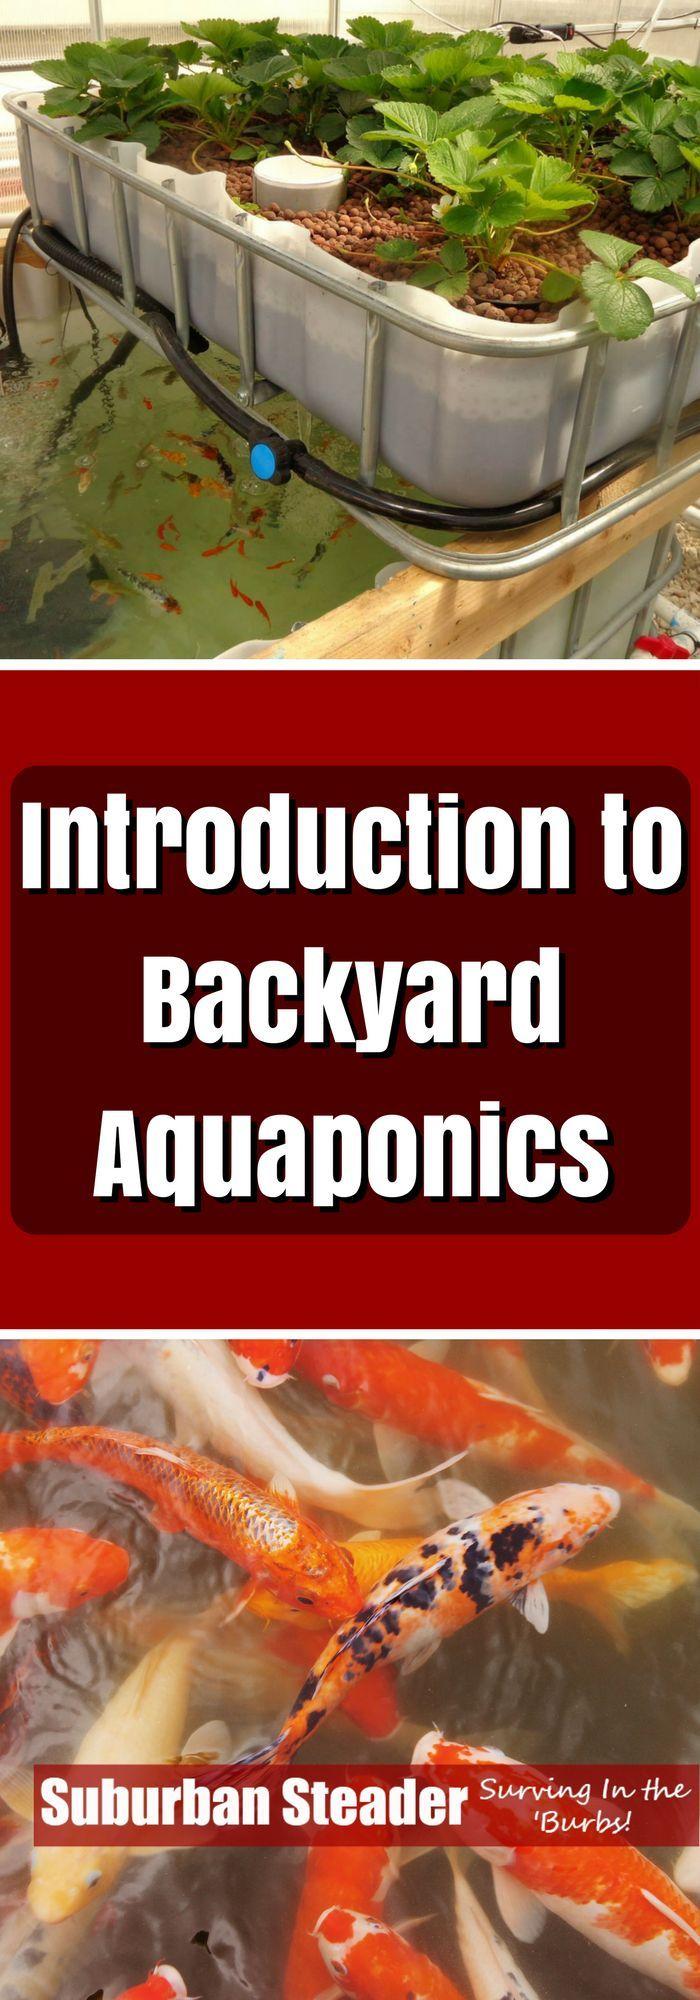 introduction to backyard aquaponics backyard aquaponics